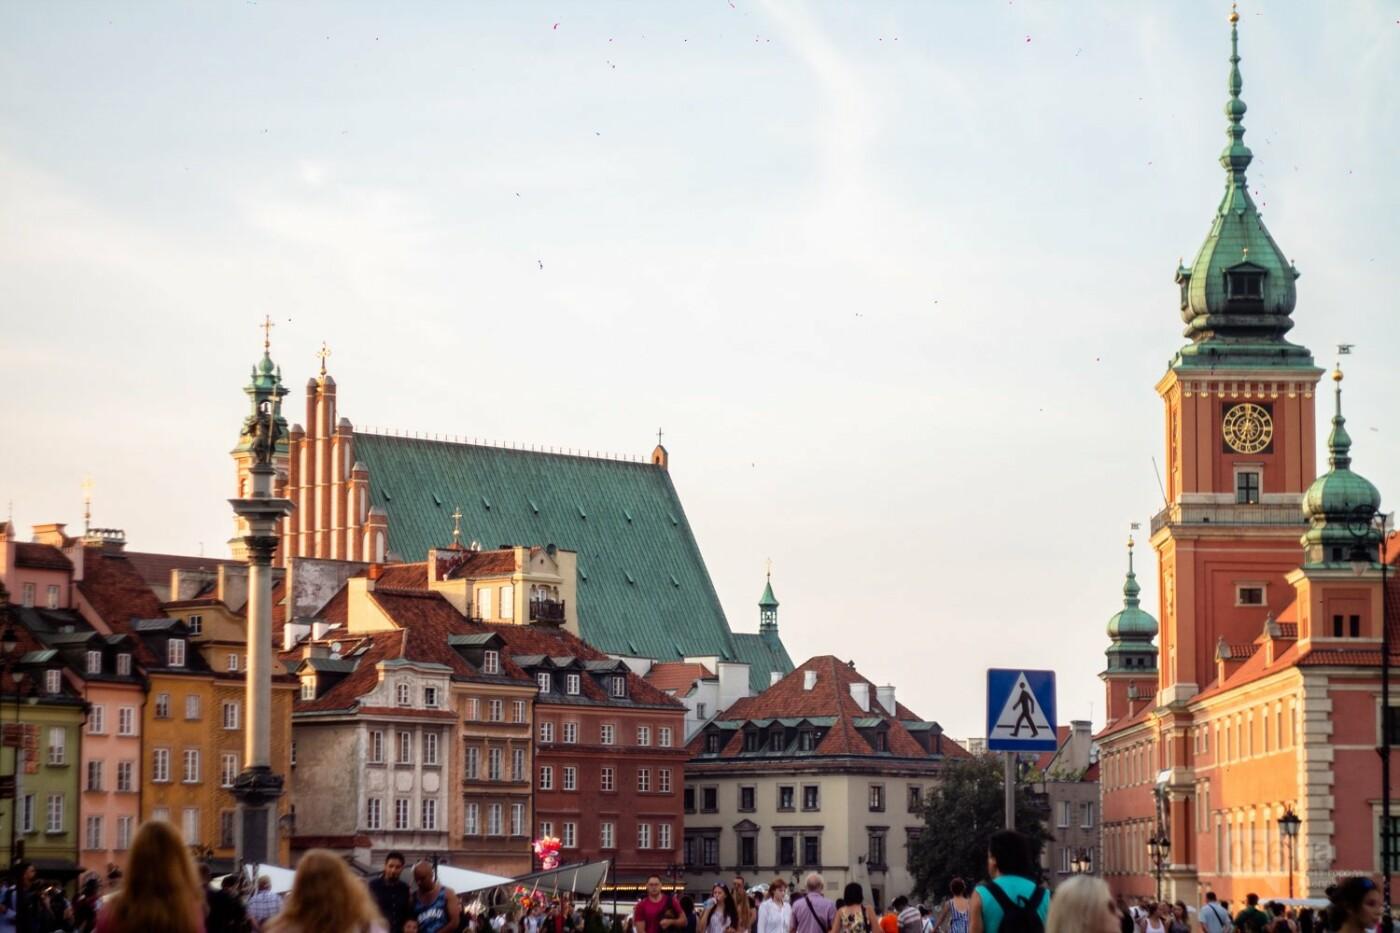 Волшебный Старый город, огромный зоопарк и сад на крыше: где жить, что есть и куда ходить в Варшаве, - ФОТО, фото-6